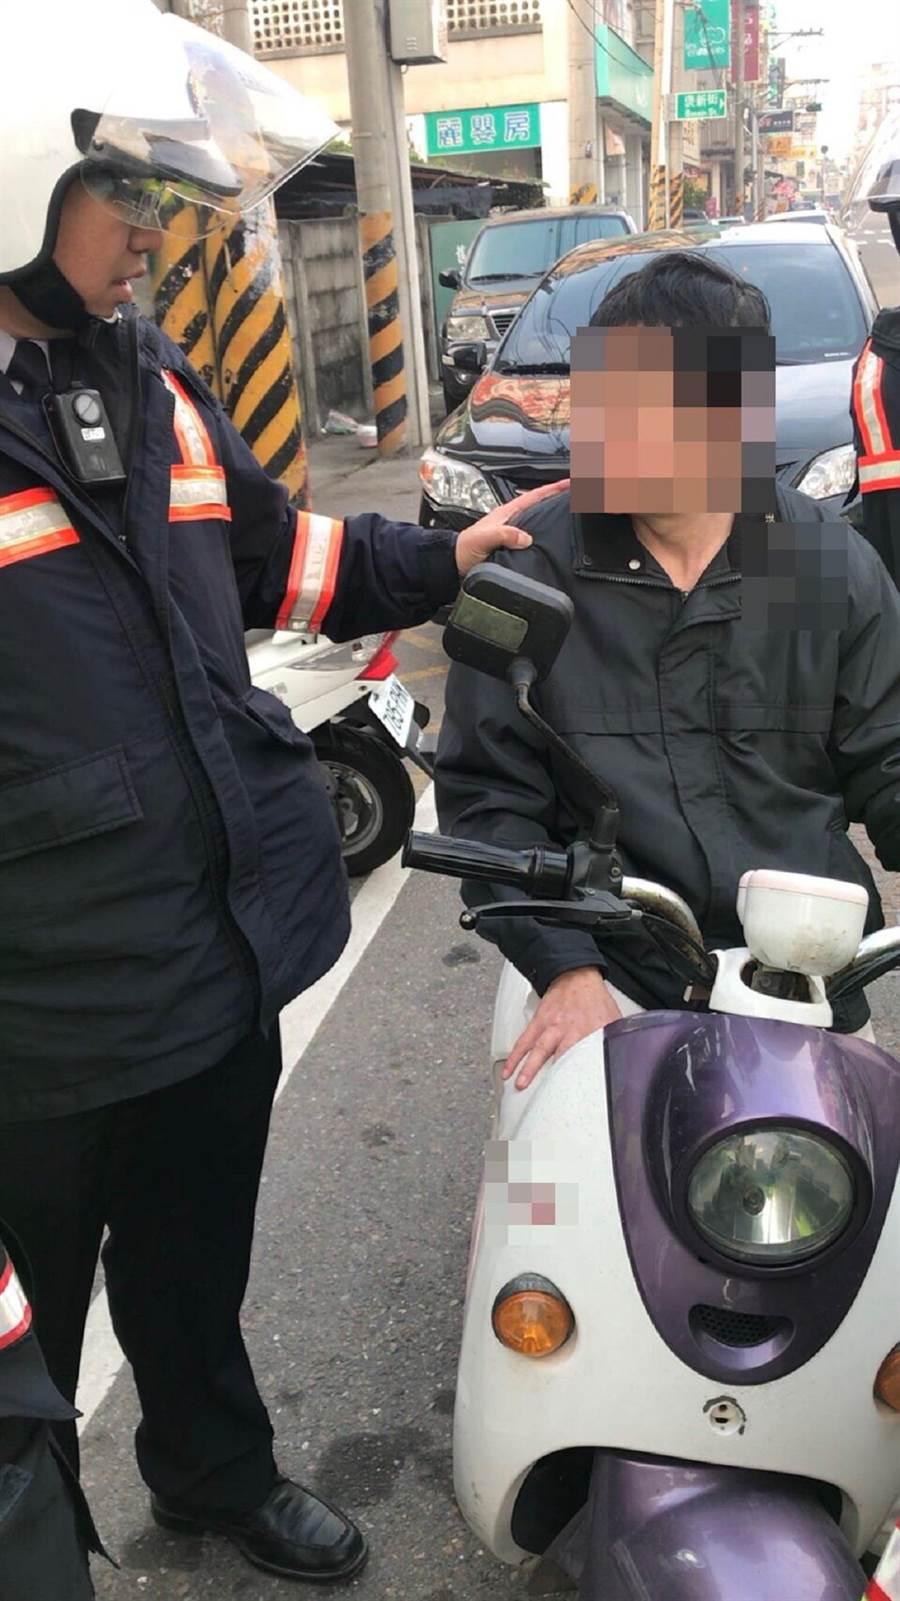 騎電動機車酒駕闖紅燈,男子依公共危險罪嫌送辦。(張朝欣翻攝)